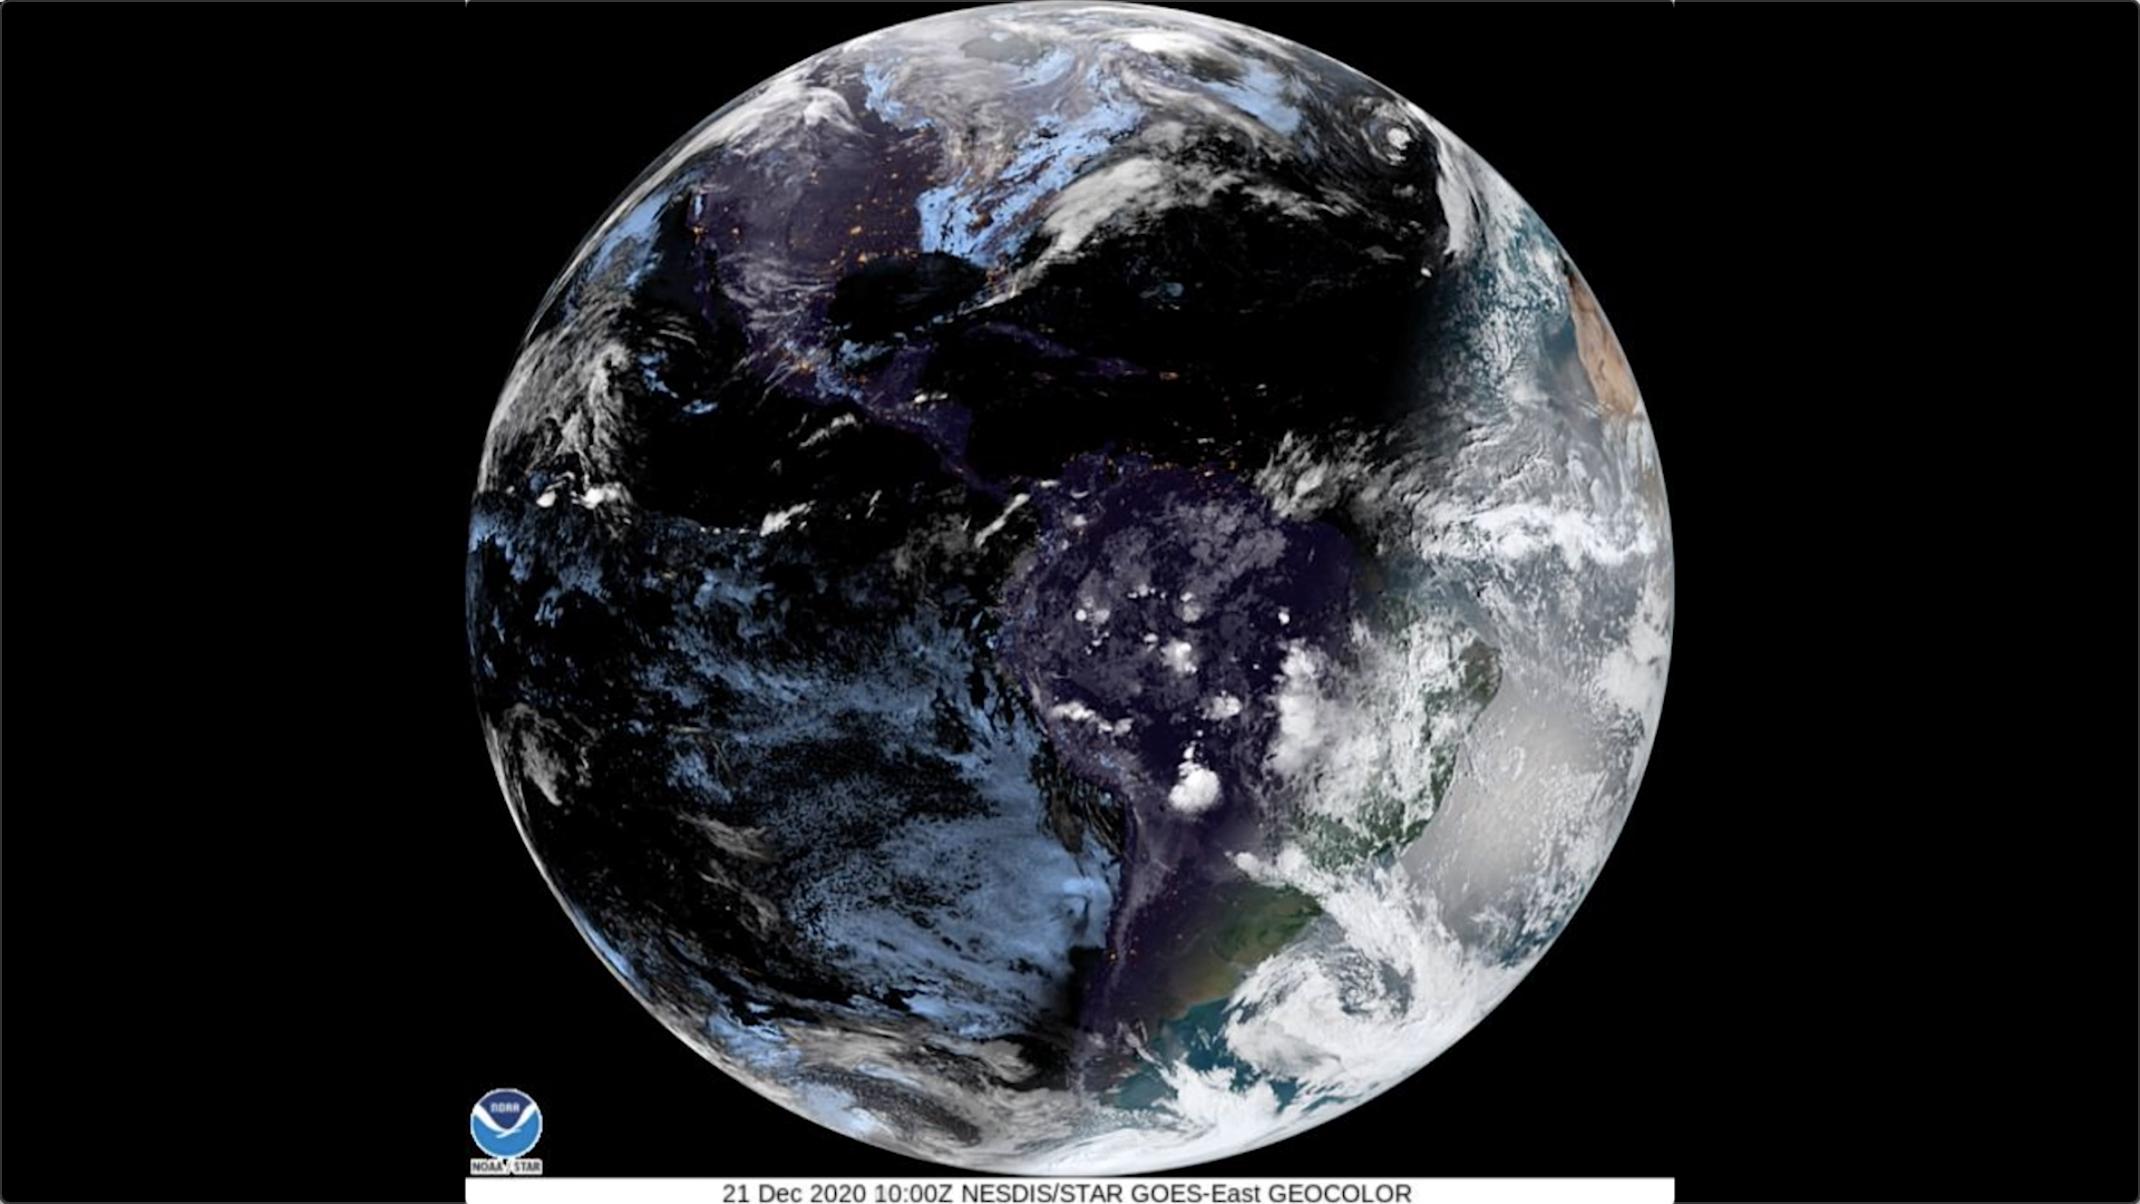 Dans le coin supérieur droit, vous pouvez voir l'ombre de la lune sur Terre sur cette image satellite capturée lors de l'éclipse solaire annulaire du 10 juin 2021.